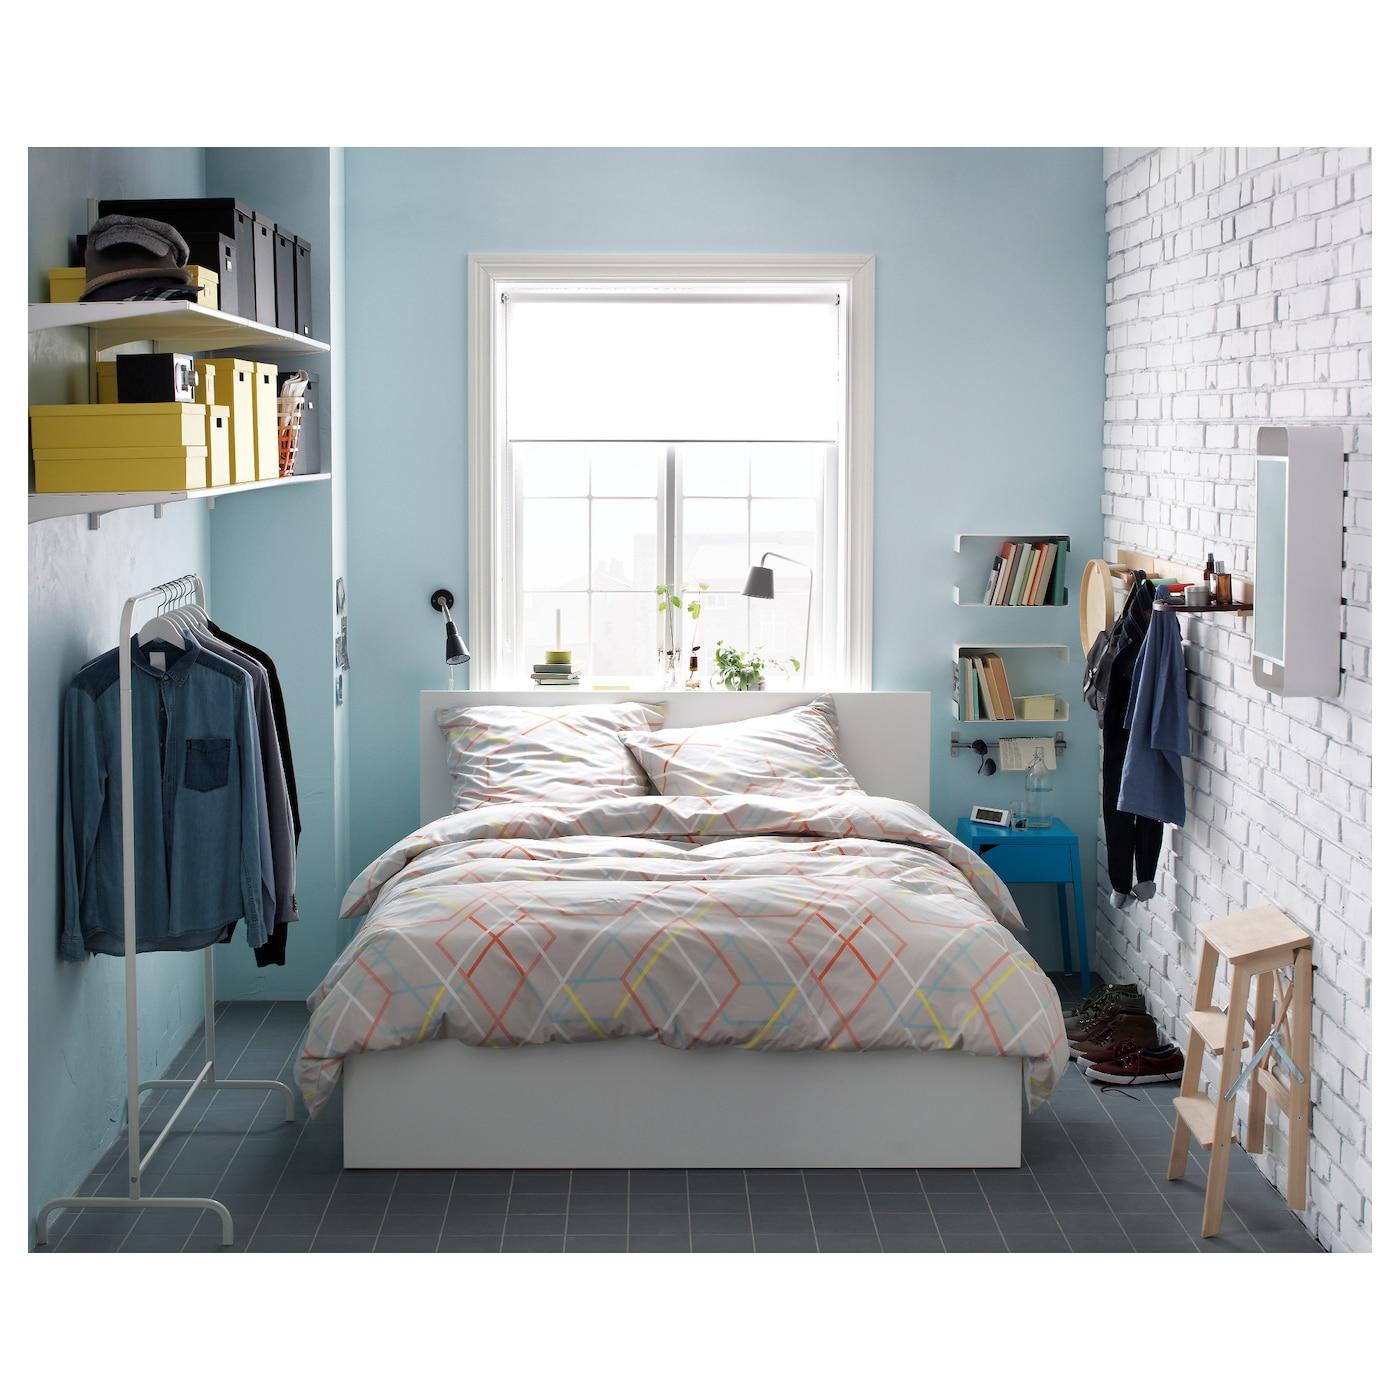 Malm ottoman bed white standard double ikea - Letti ragazzi ikea ...